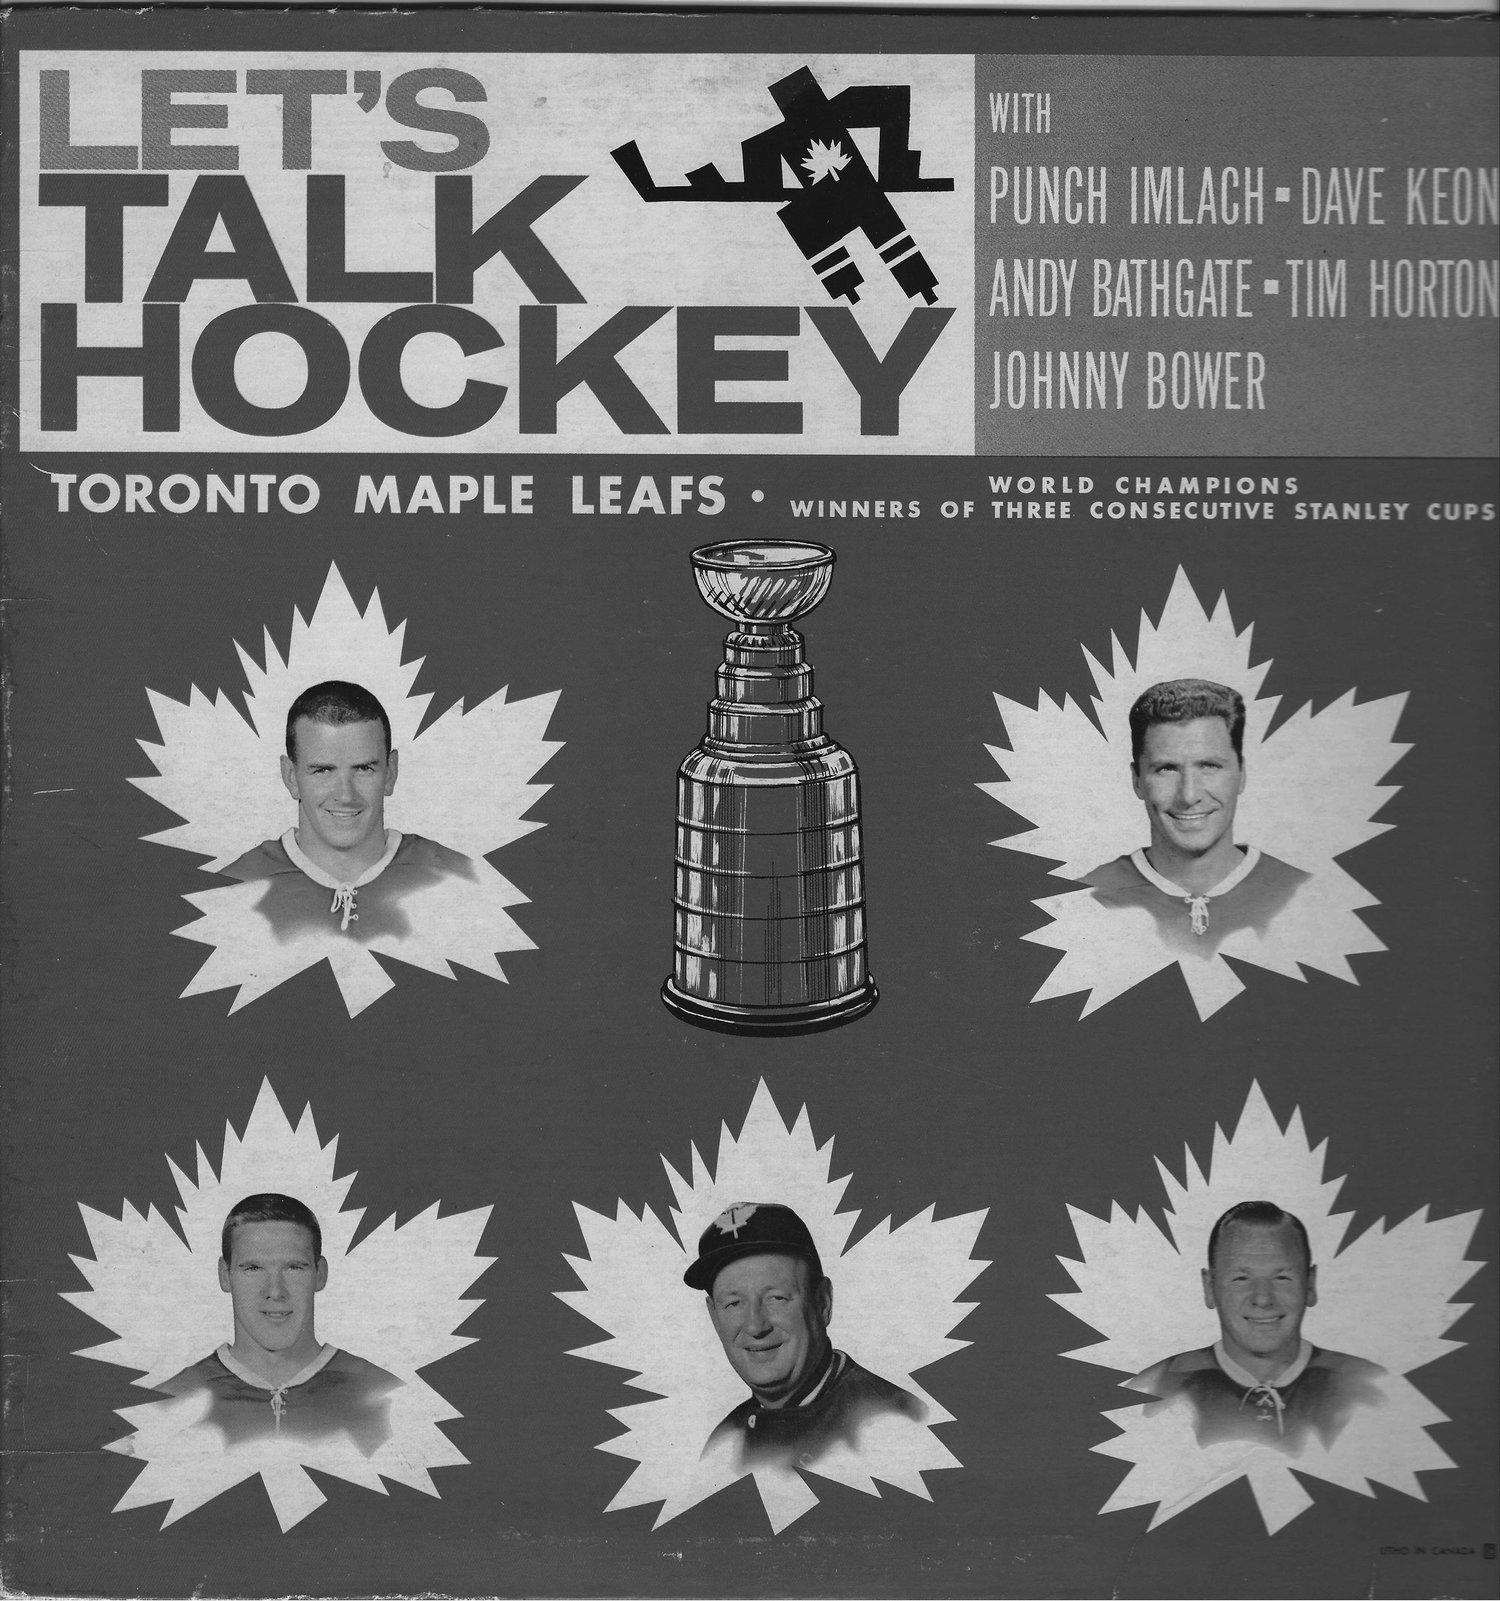 Let's Talk Hockey poster